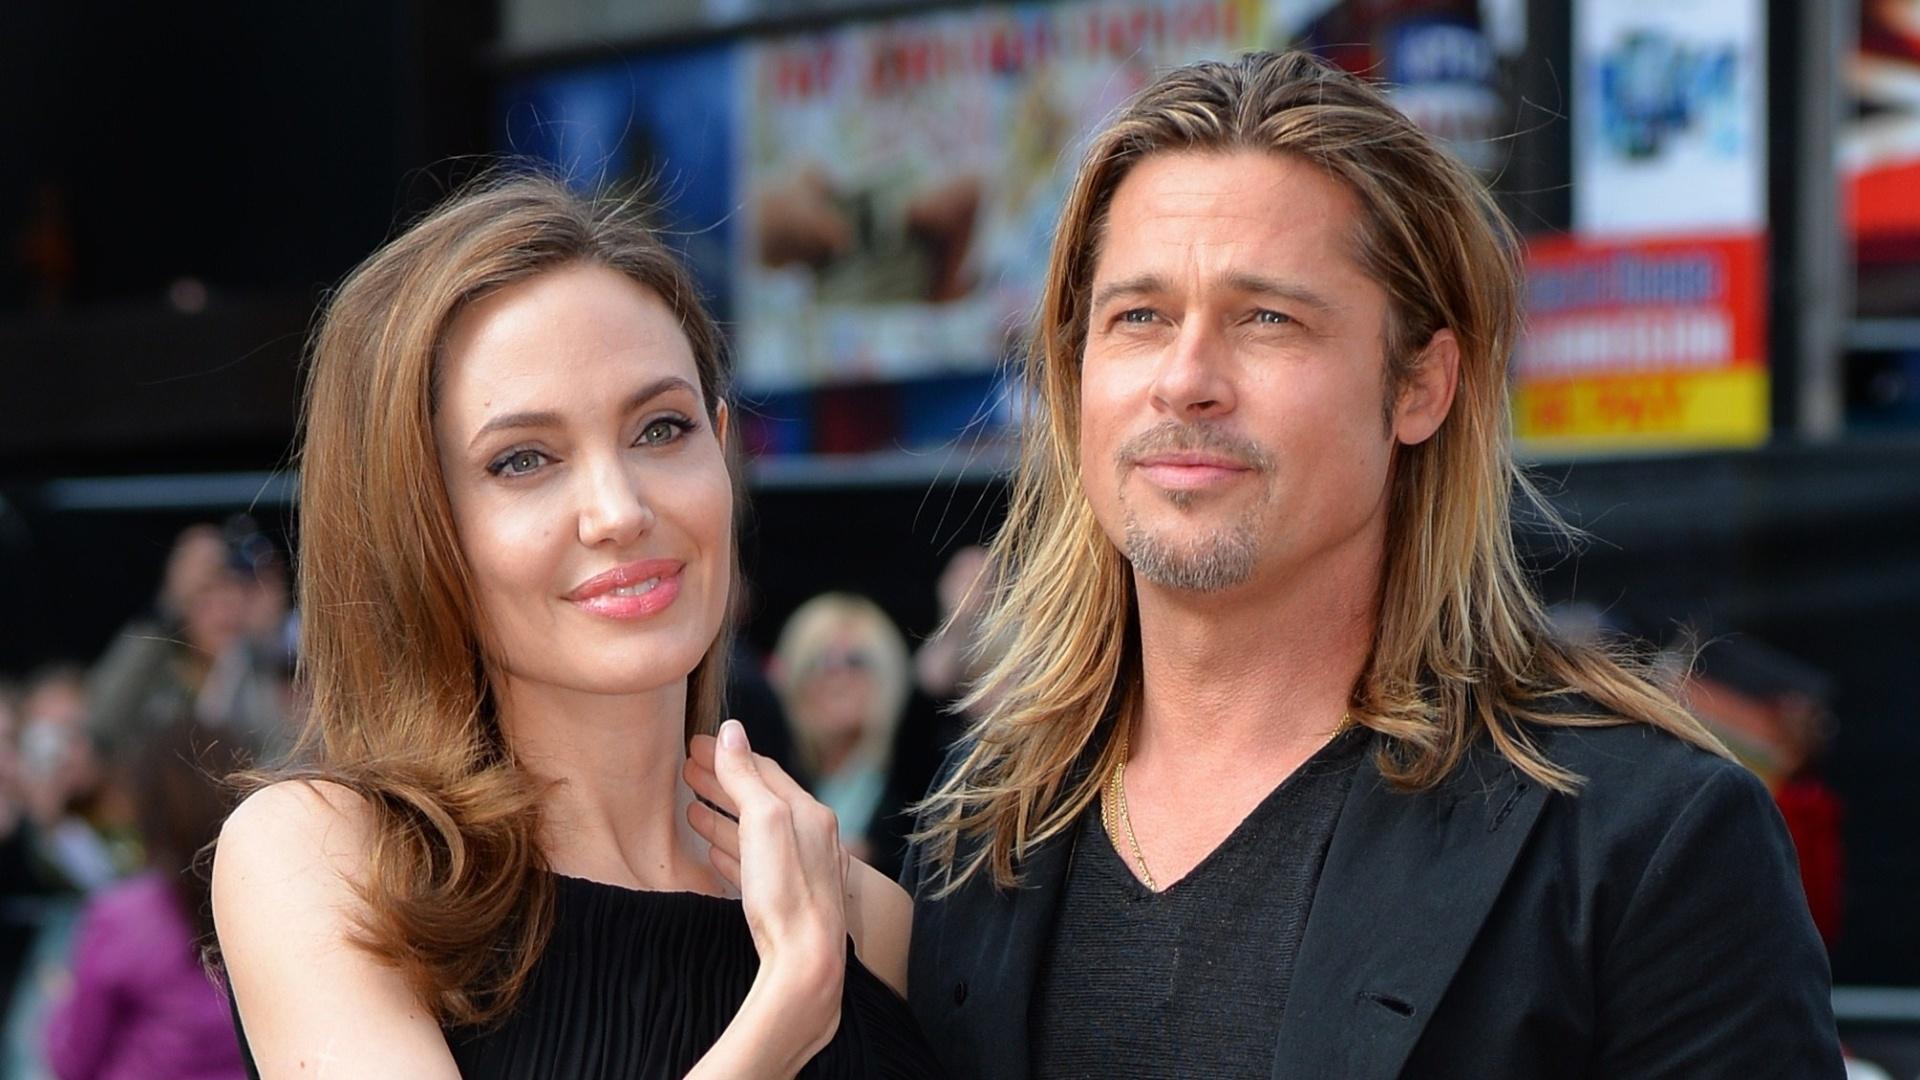 2.jun.2013 - Angelina Jolie posa para fotos com Brad Pitt na pré-estreia de